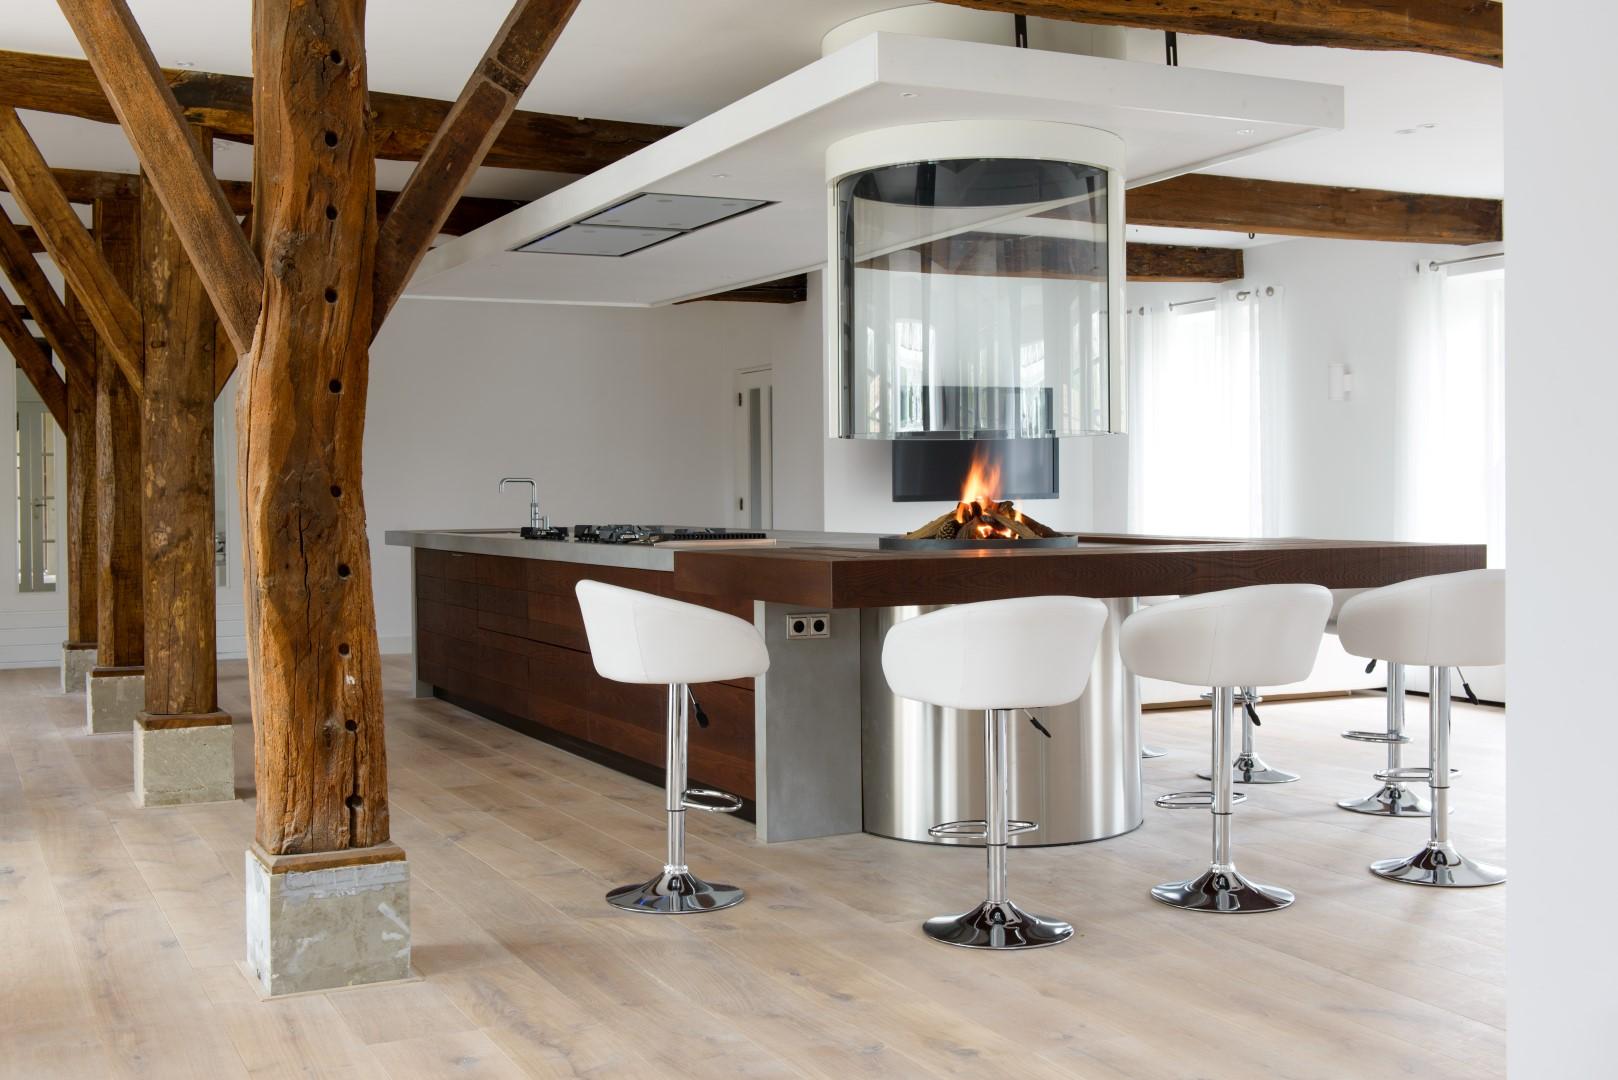 Moderne houten keukens van jp walker nieuws startpagina voor keuken idee n uw - Keuken steen en hout ...